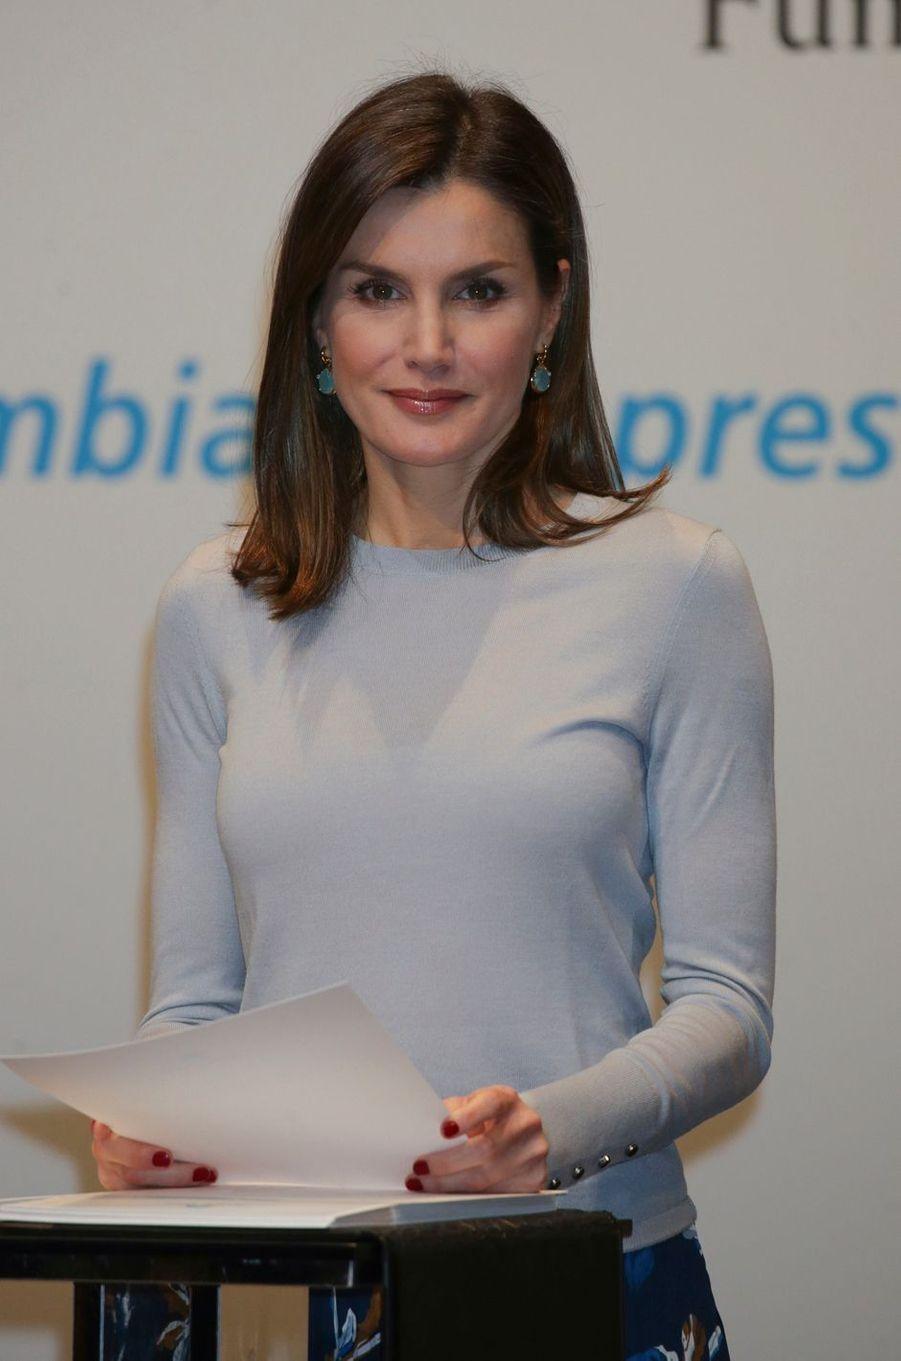 La reine Letizia d'Espagne à Madrid, le 10 avril 2018